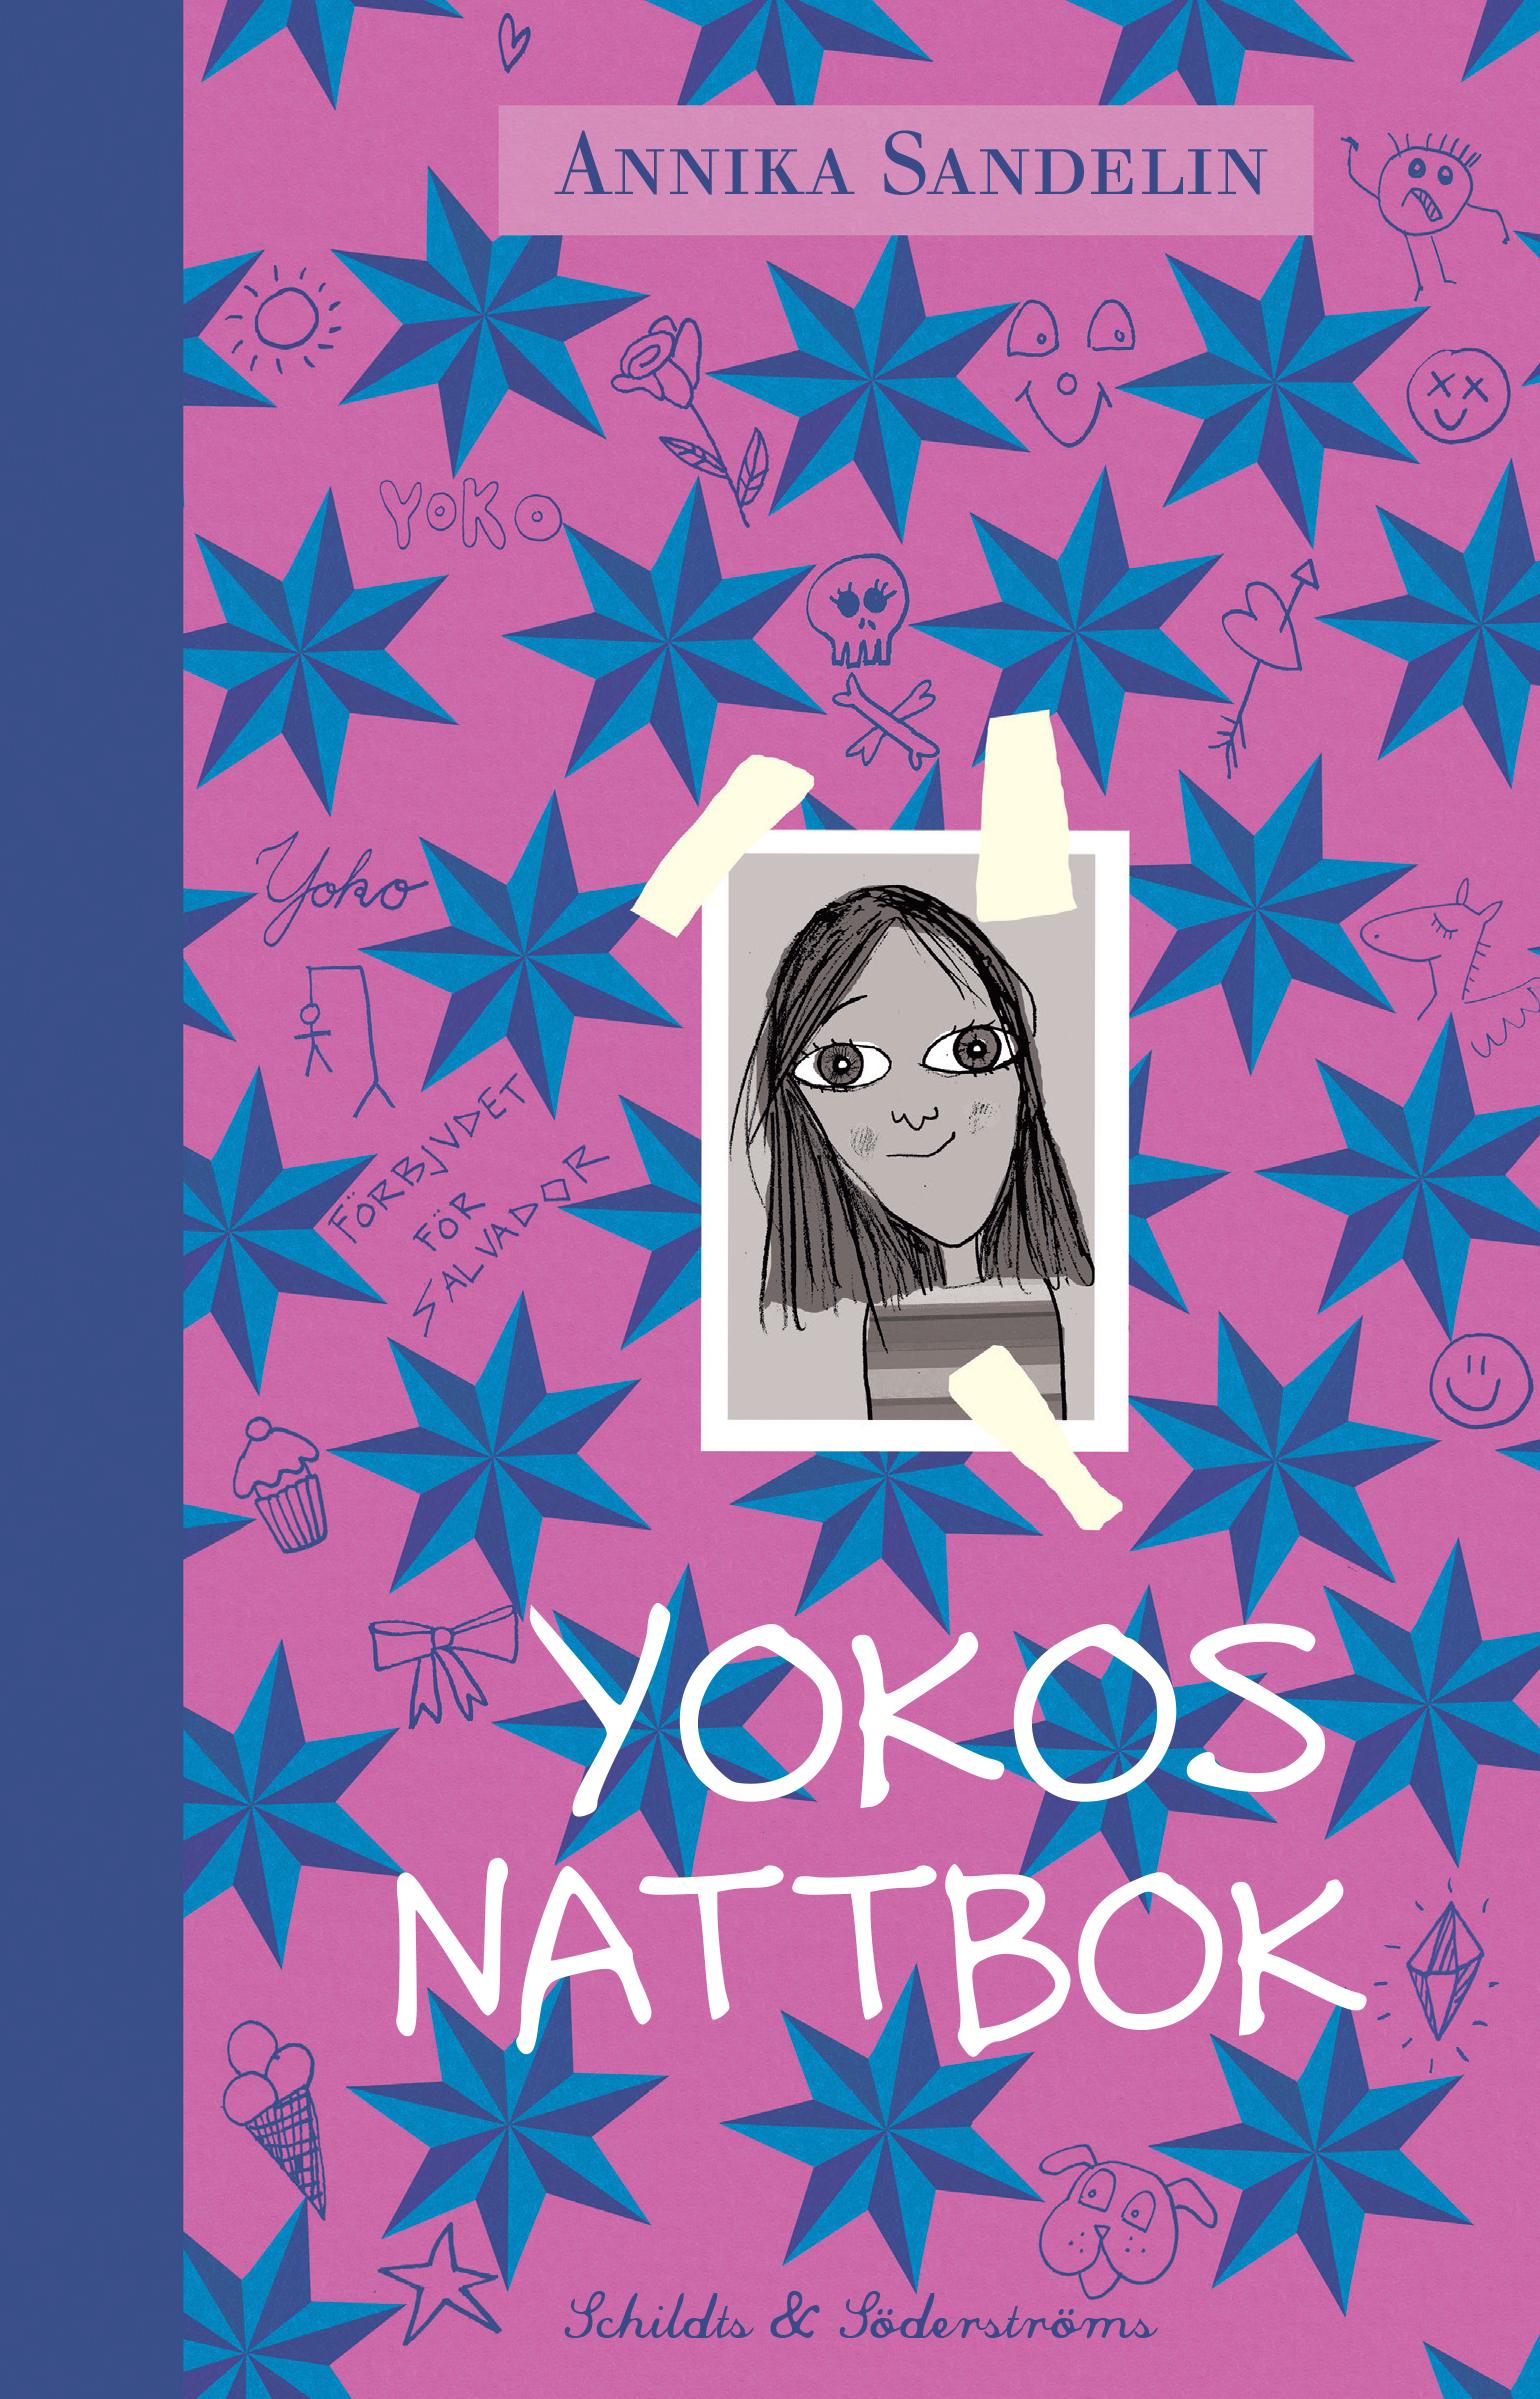 Bildresultat för yokos nattbok